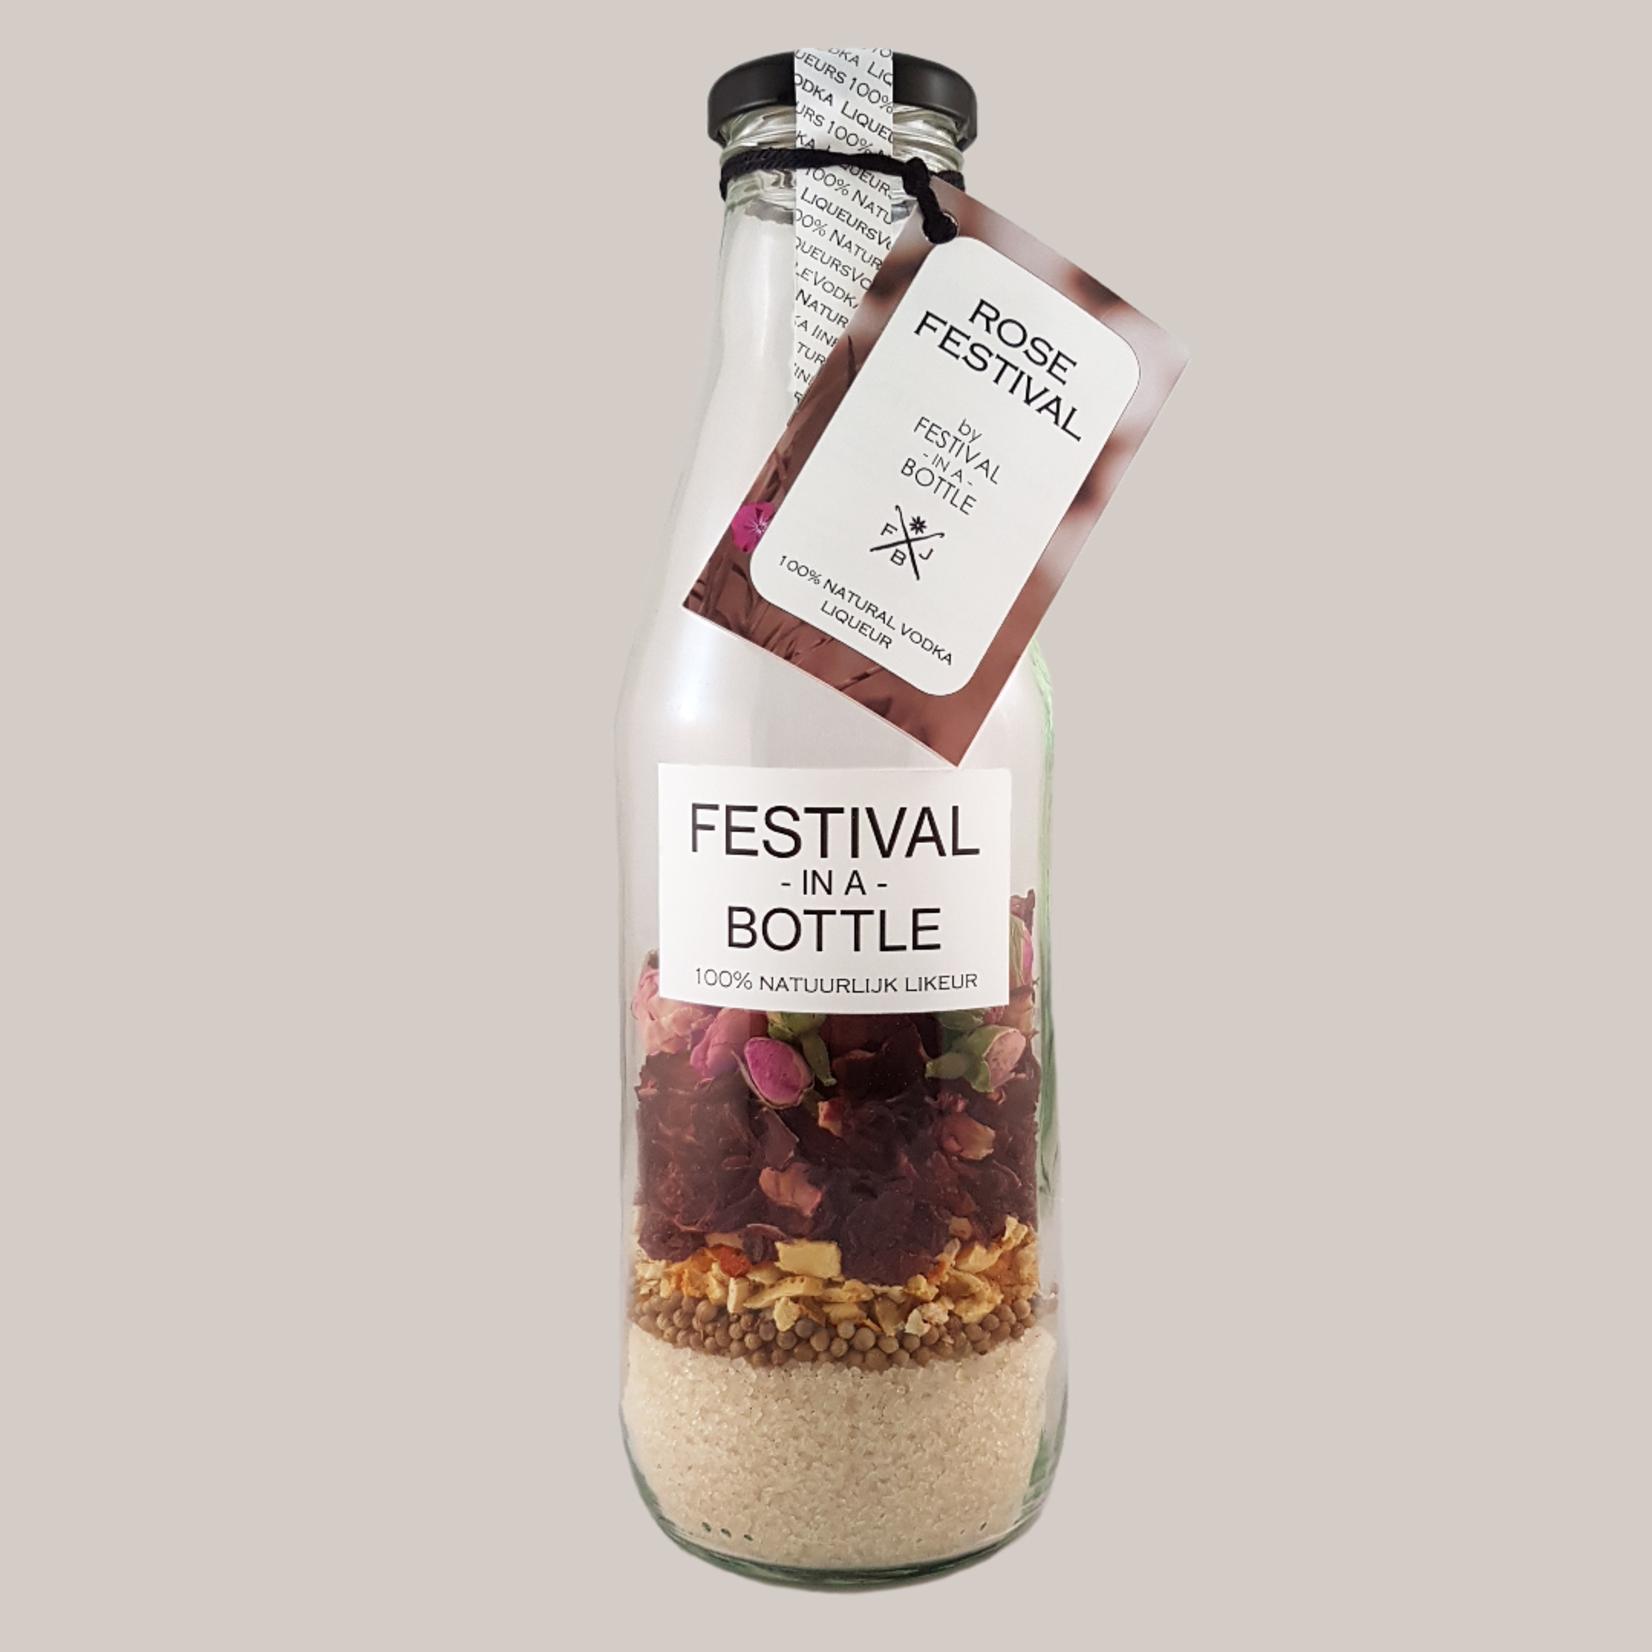 Festival in a bottle Rose festival